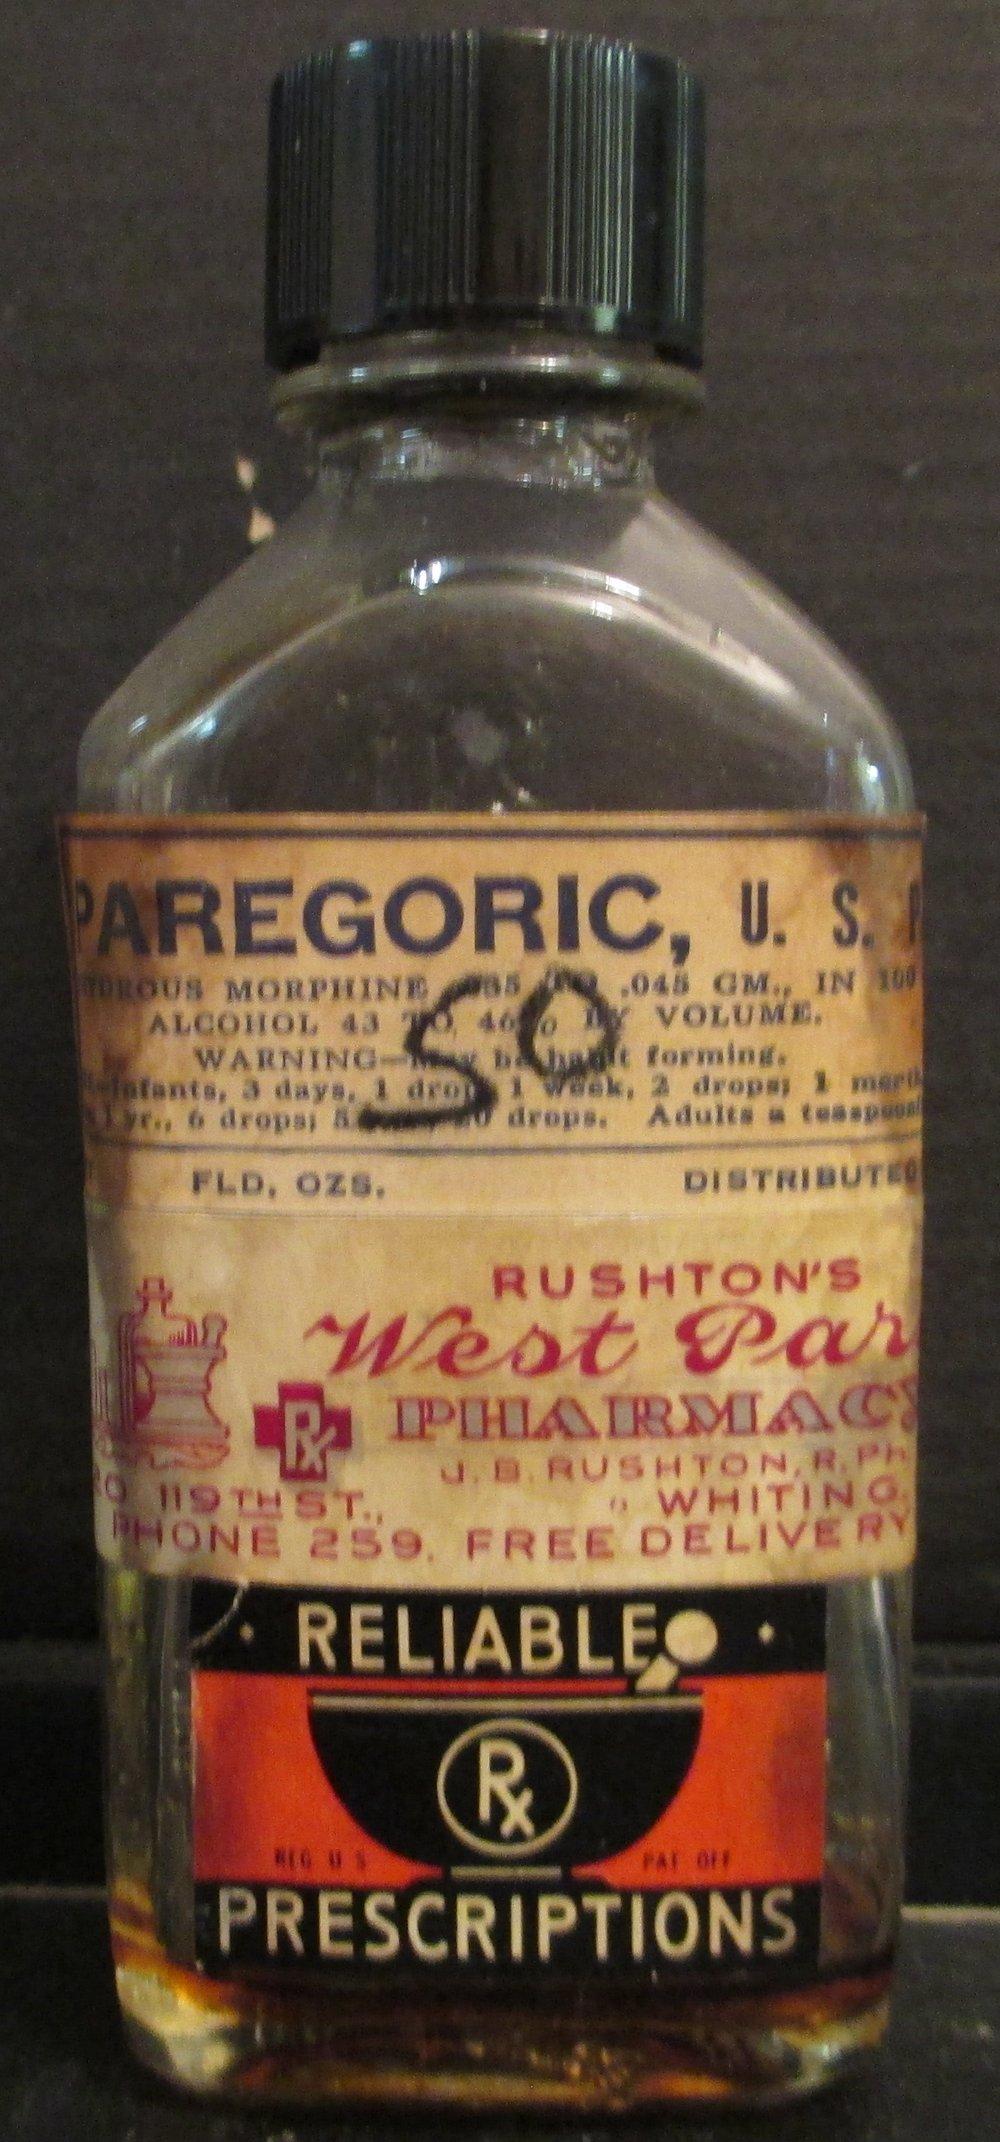 west park pharmacy bottle.jpg